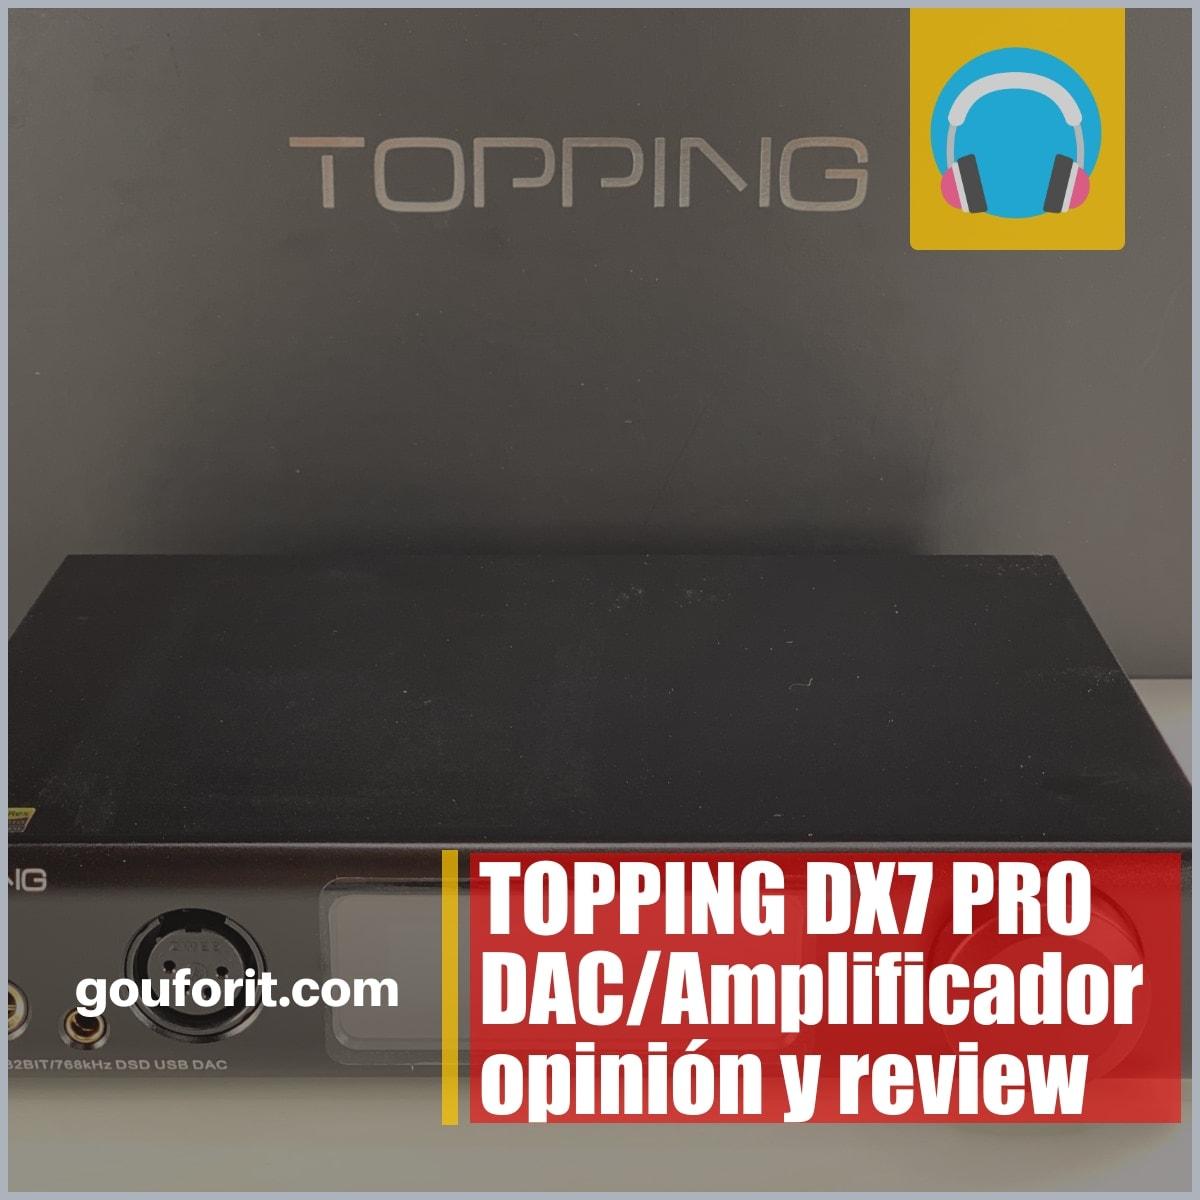 TOPPING DX7 PRO DAC/Amplificador opinión y review